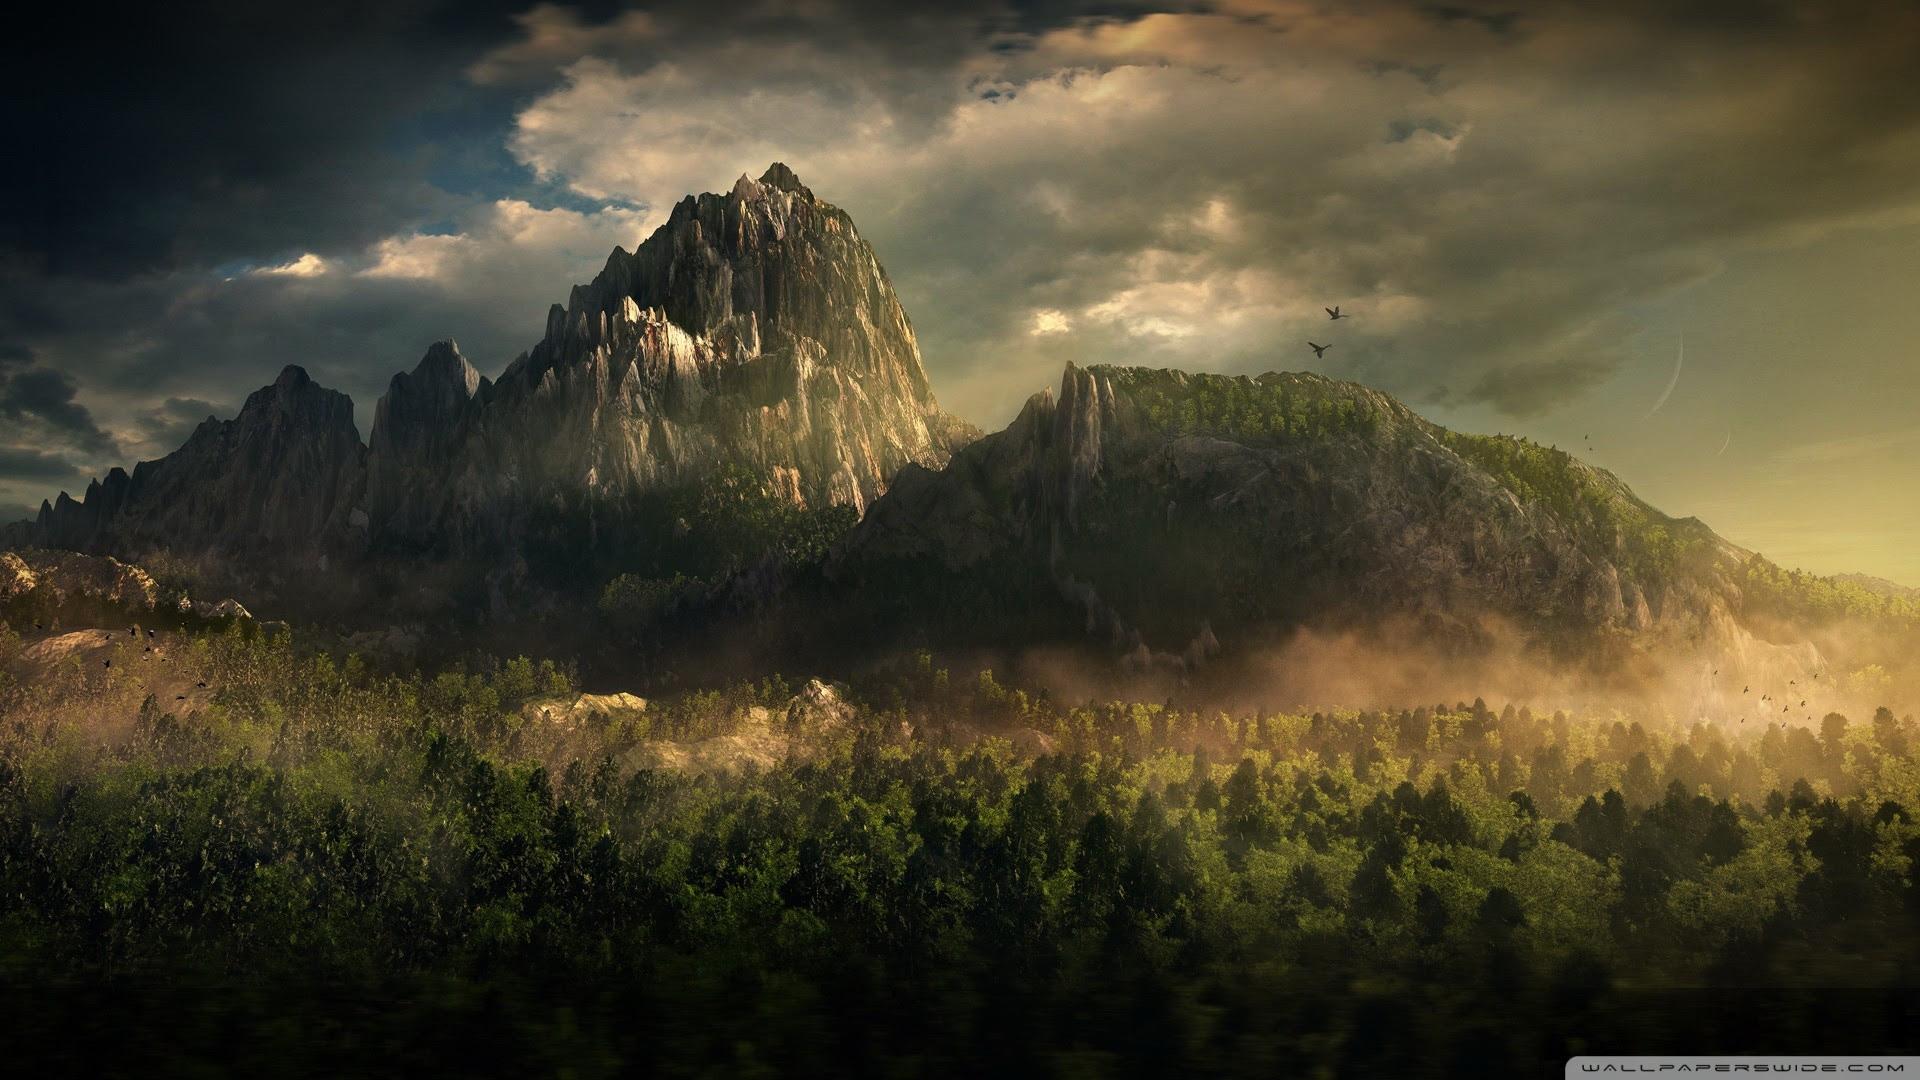 HD Landscape Wallpaper 1920x1080 68+ images